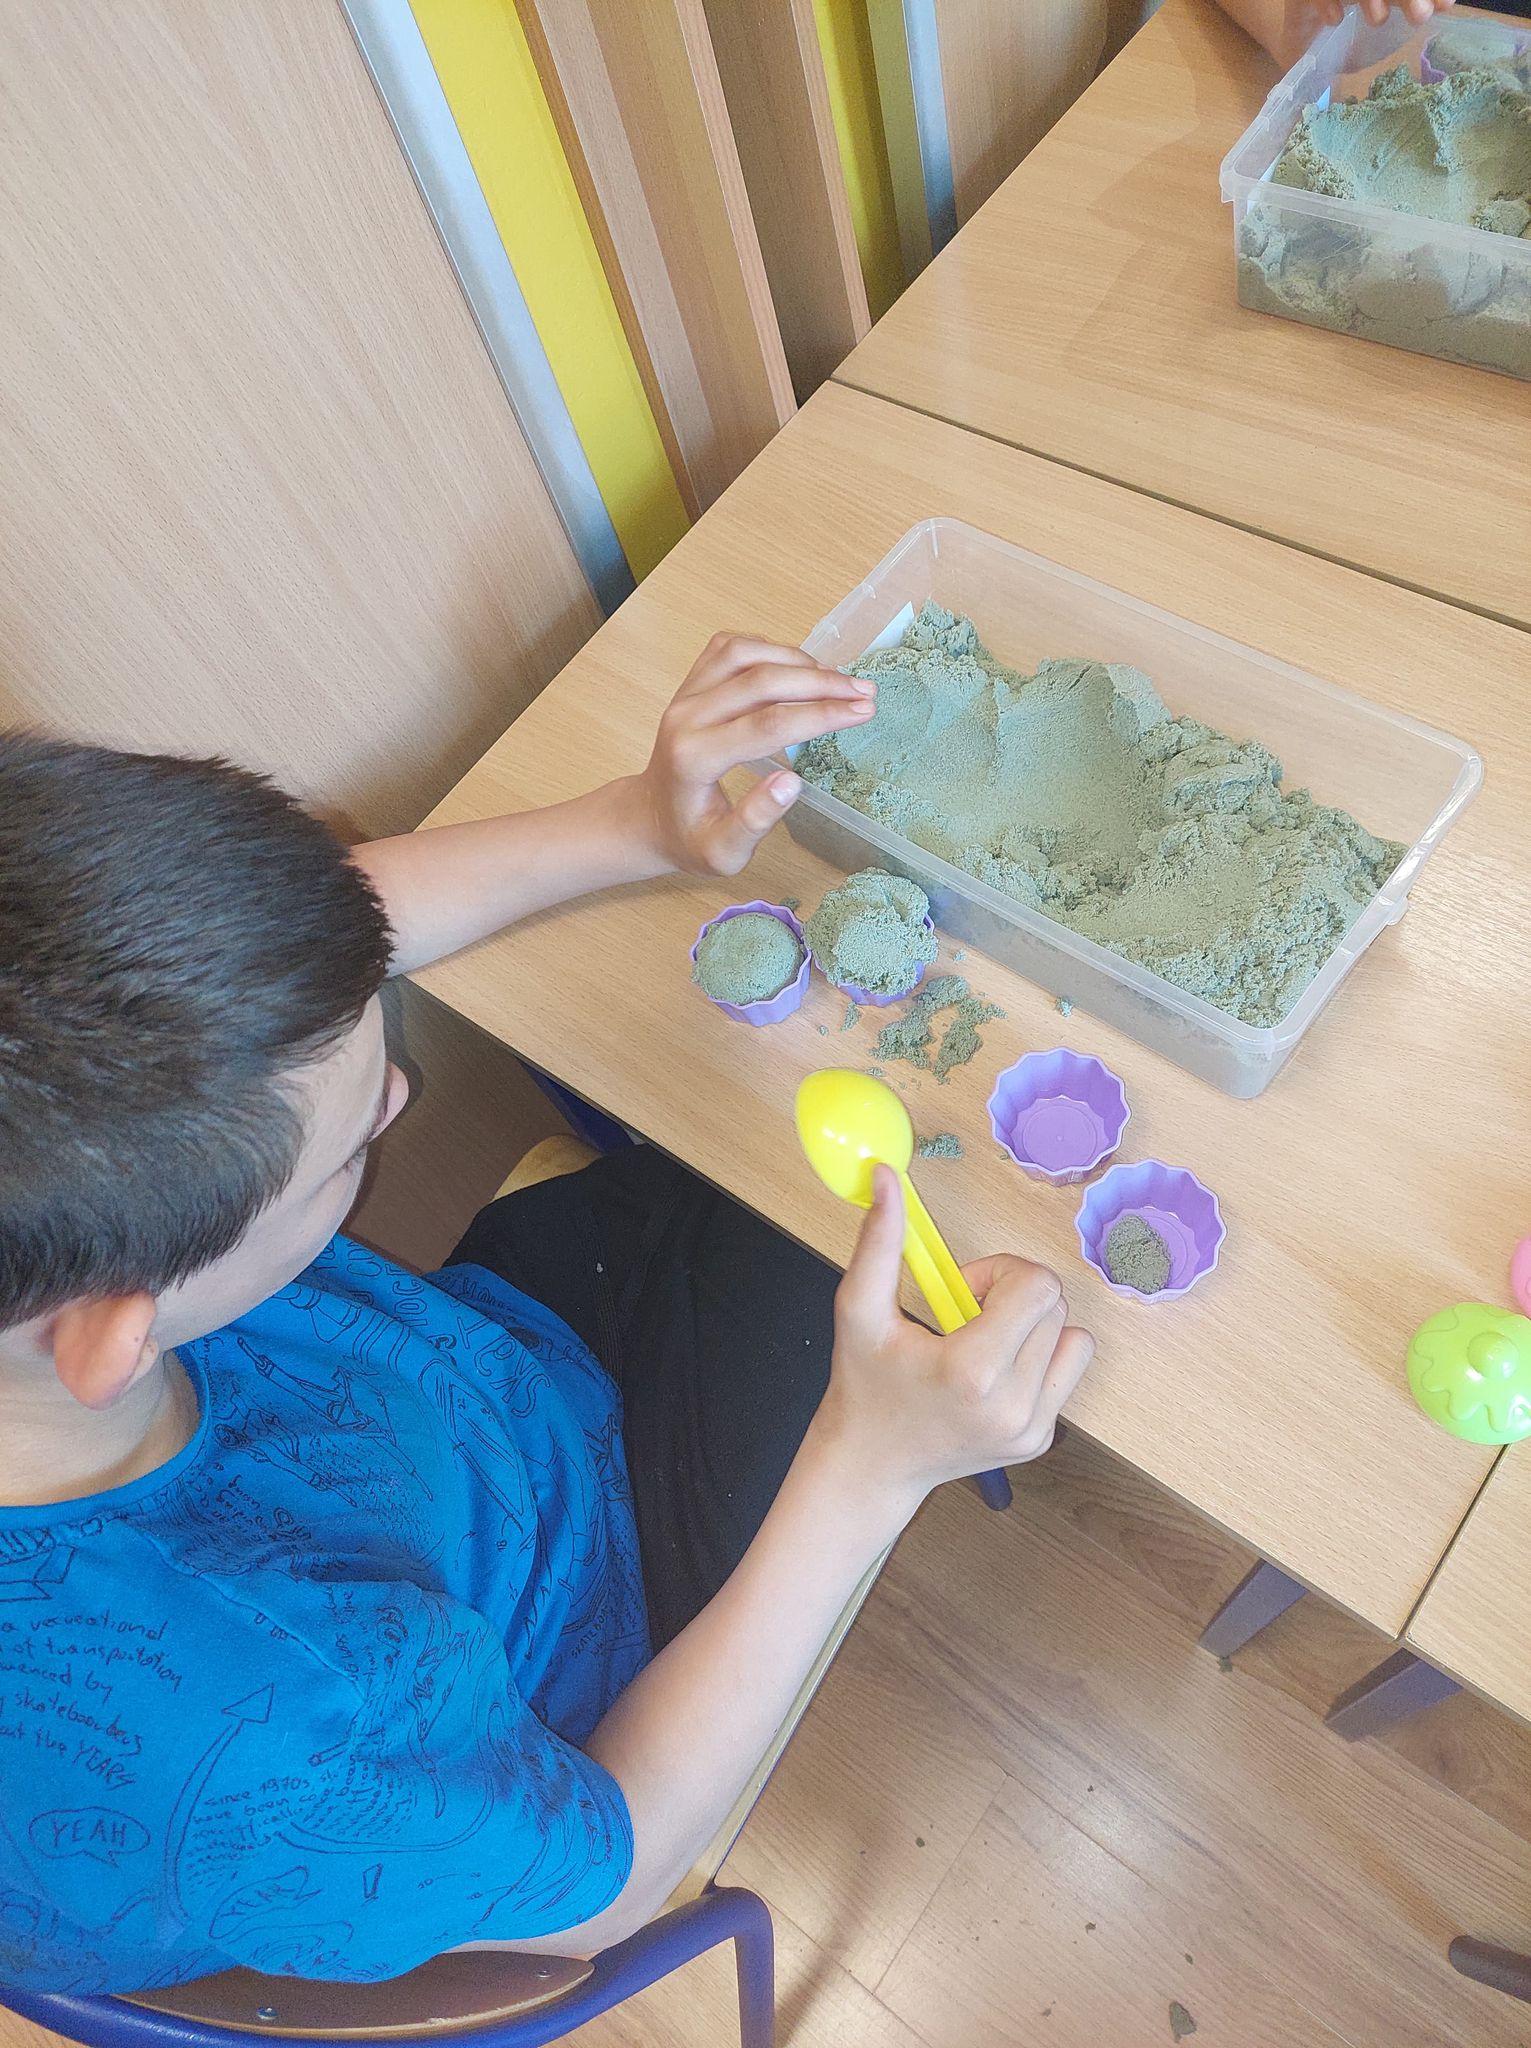 Zabawy manualne z piaskiem kinetycznym mogą służyć do poszerzania zasobu słownictwa, usprawniania motoryki małej a także pozwalają się zrelaksować.